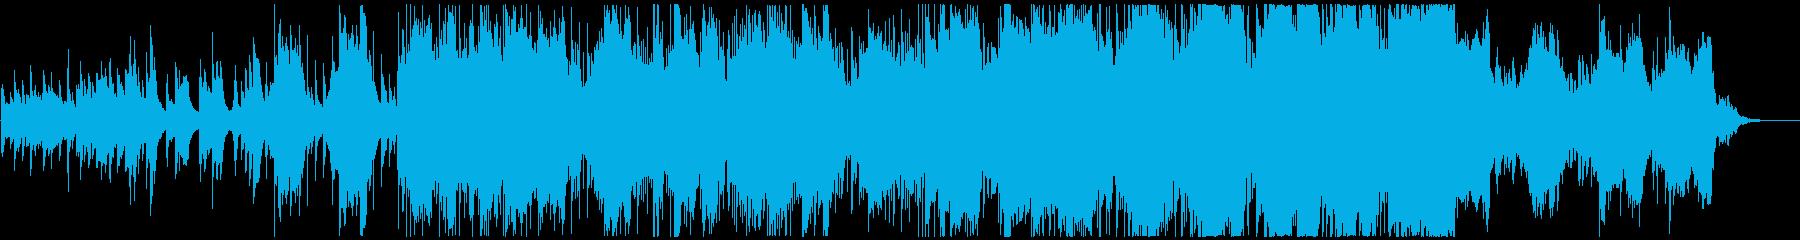 古さ アンビエントミュージック 淡...の再生済みの波形